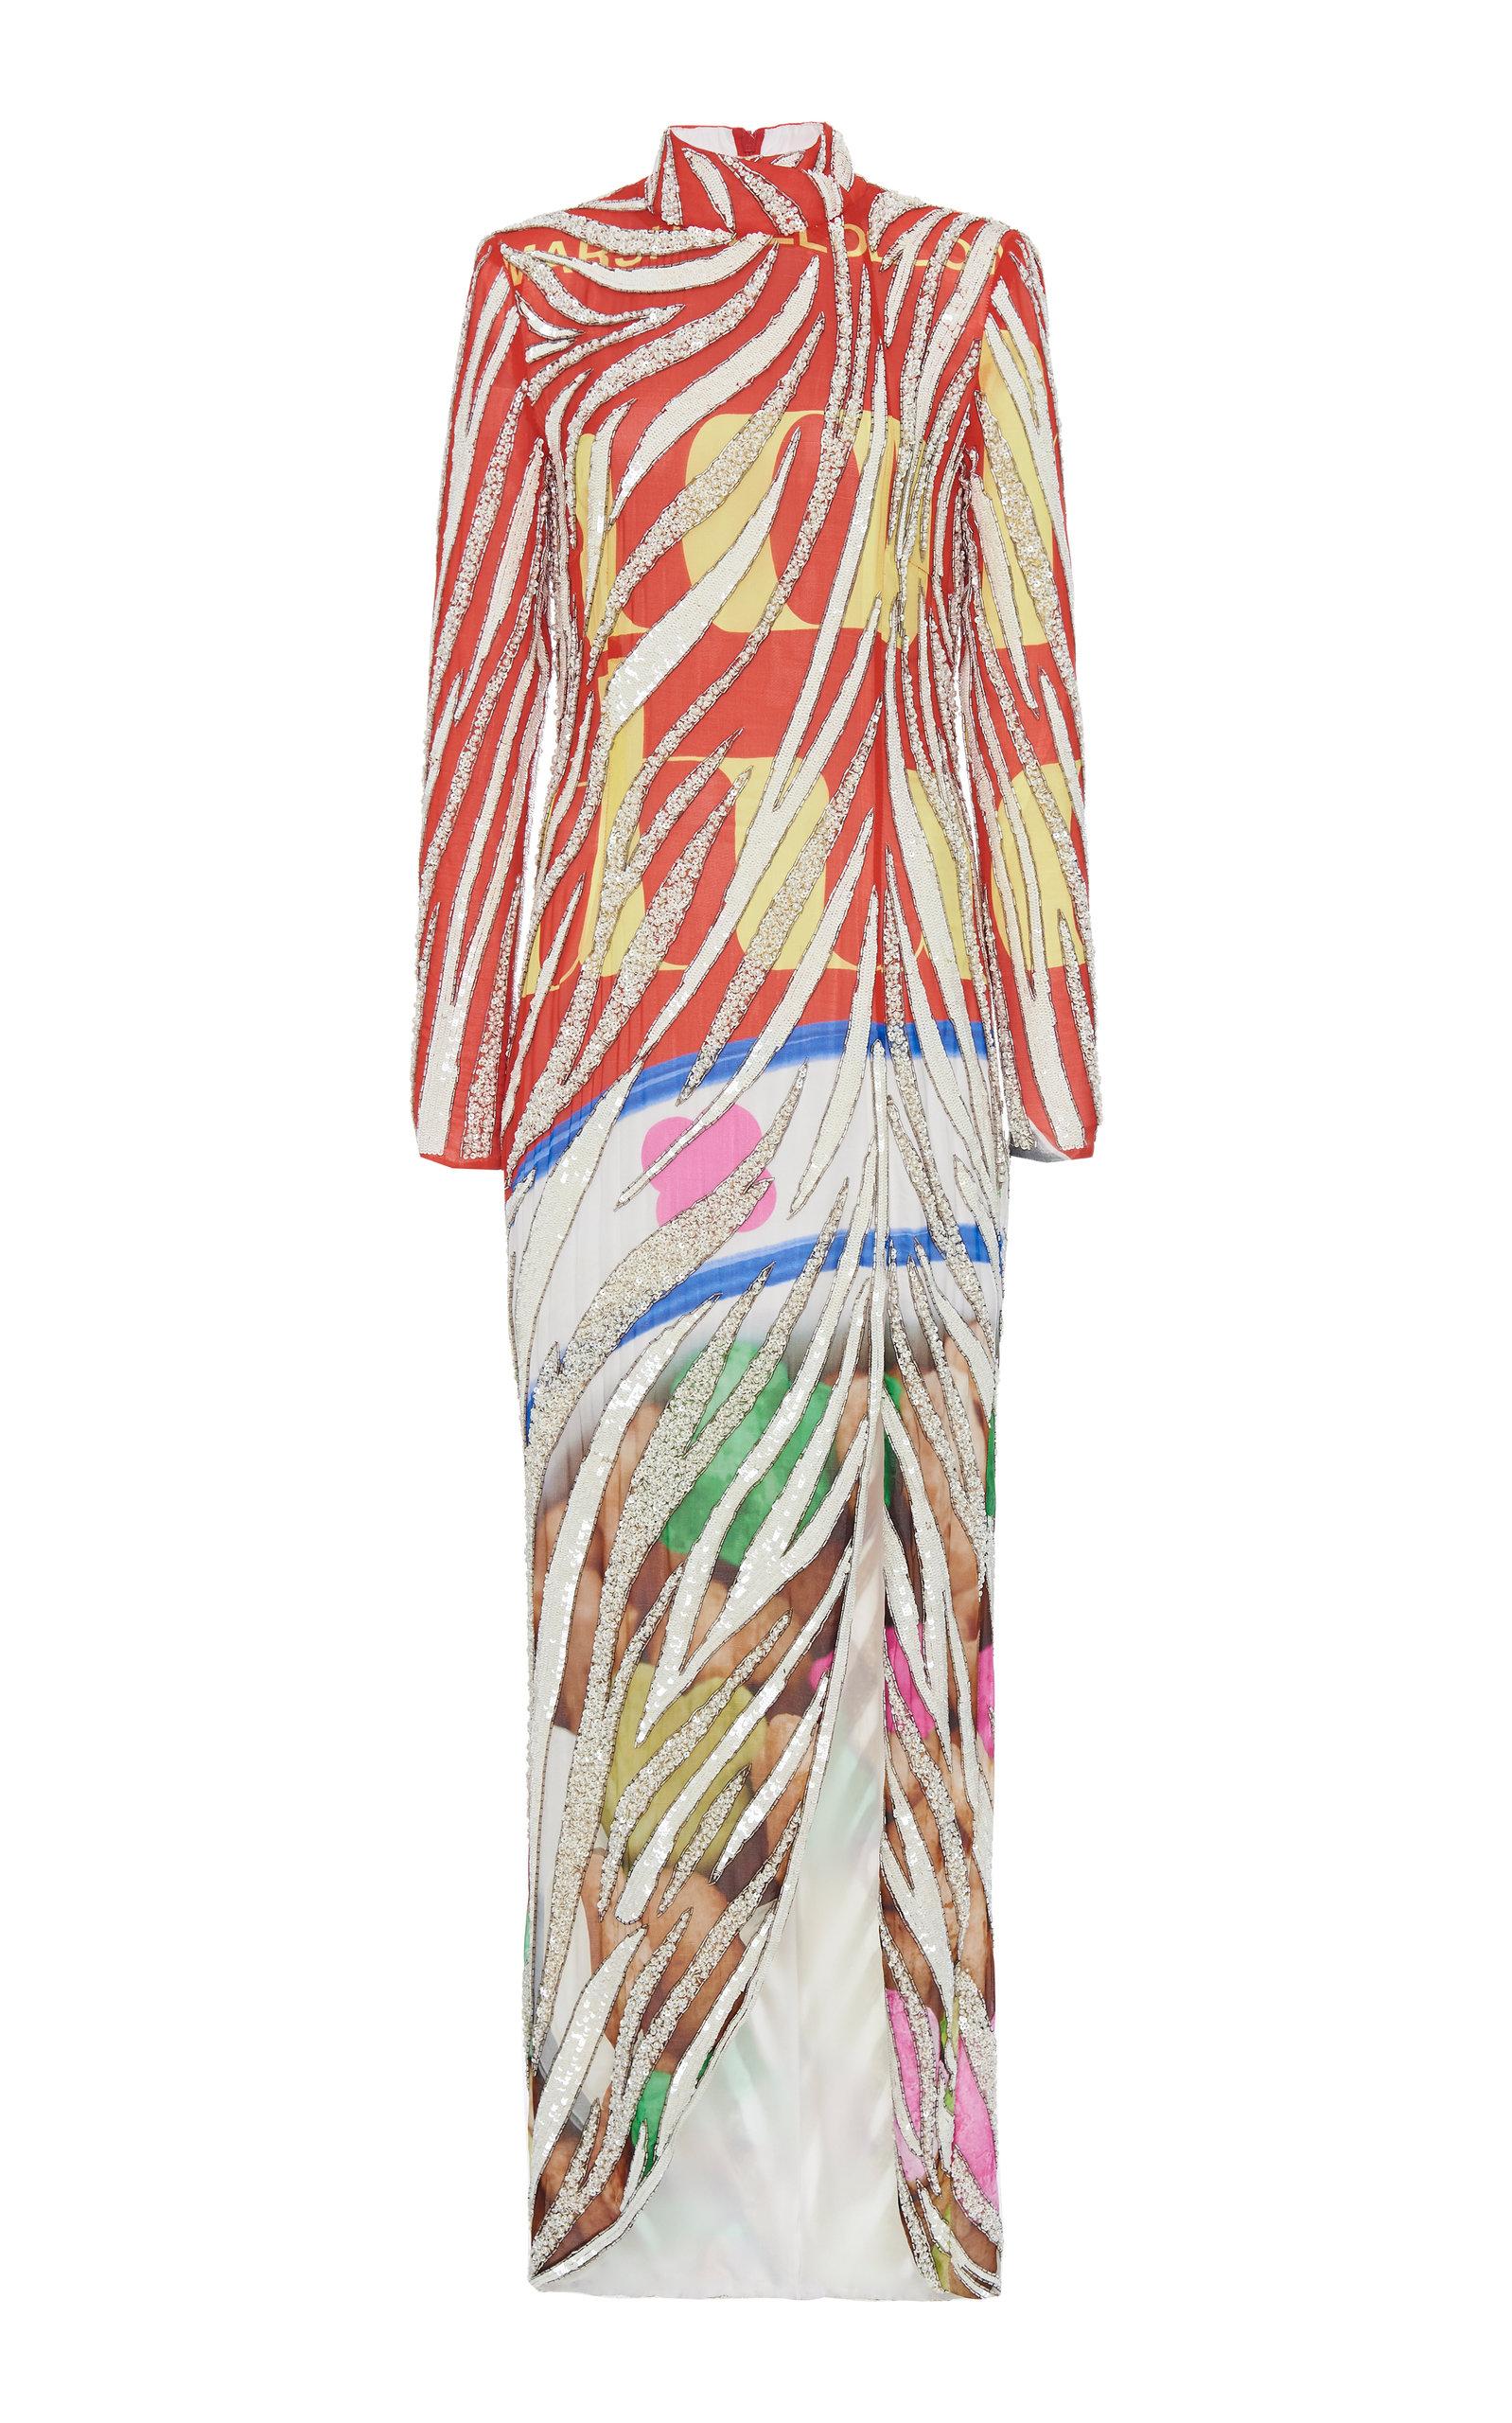 0e756ccb84 Embellished Printed Jersey-Satin Dress by Moschino | Moda Operandi